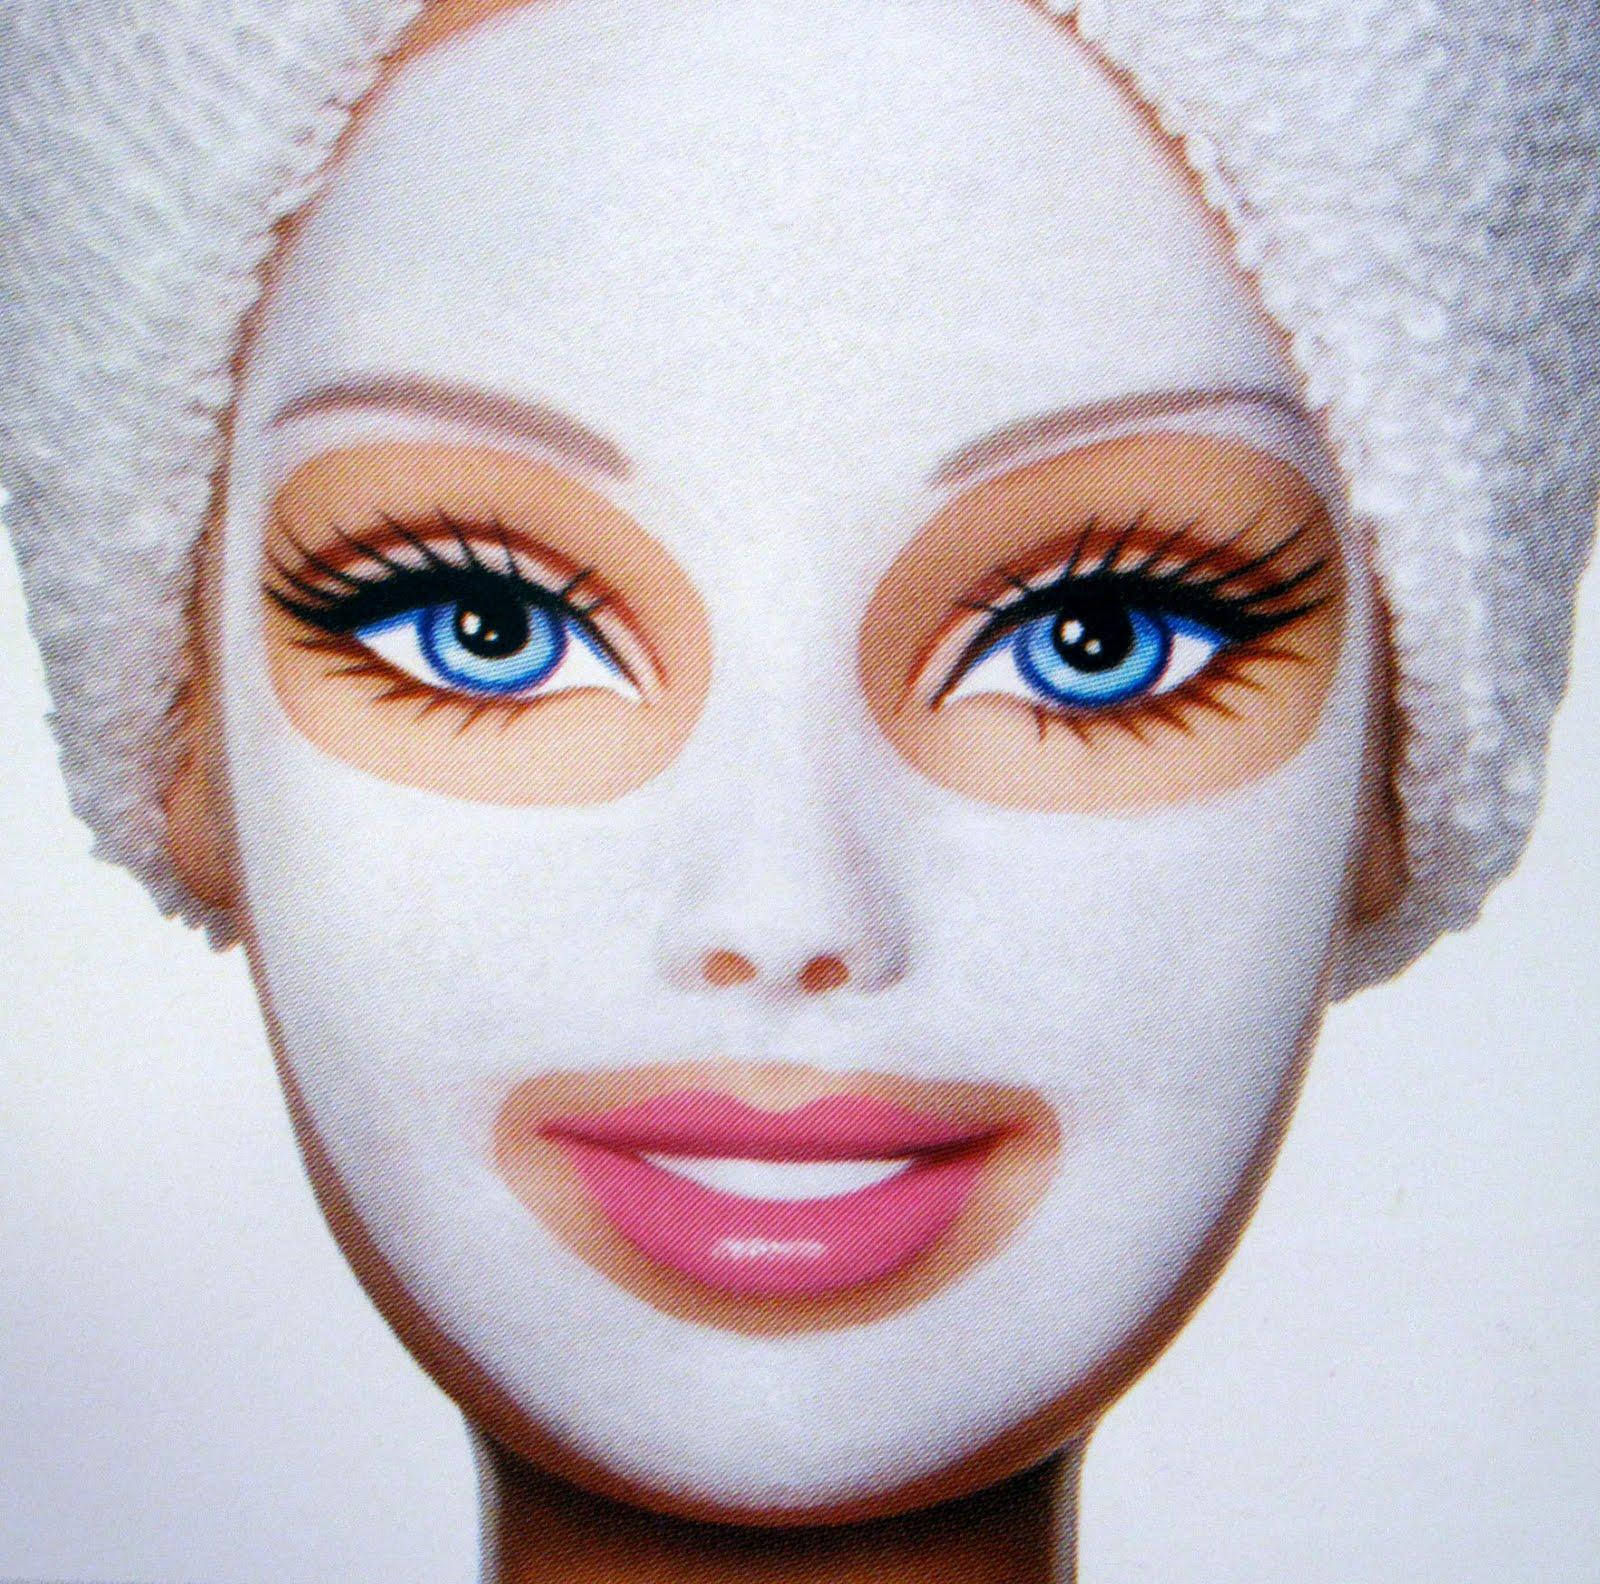 Doğal cilt beyazlatma maskeleri